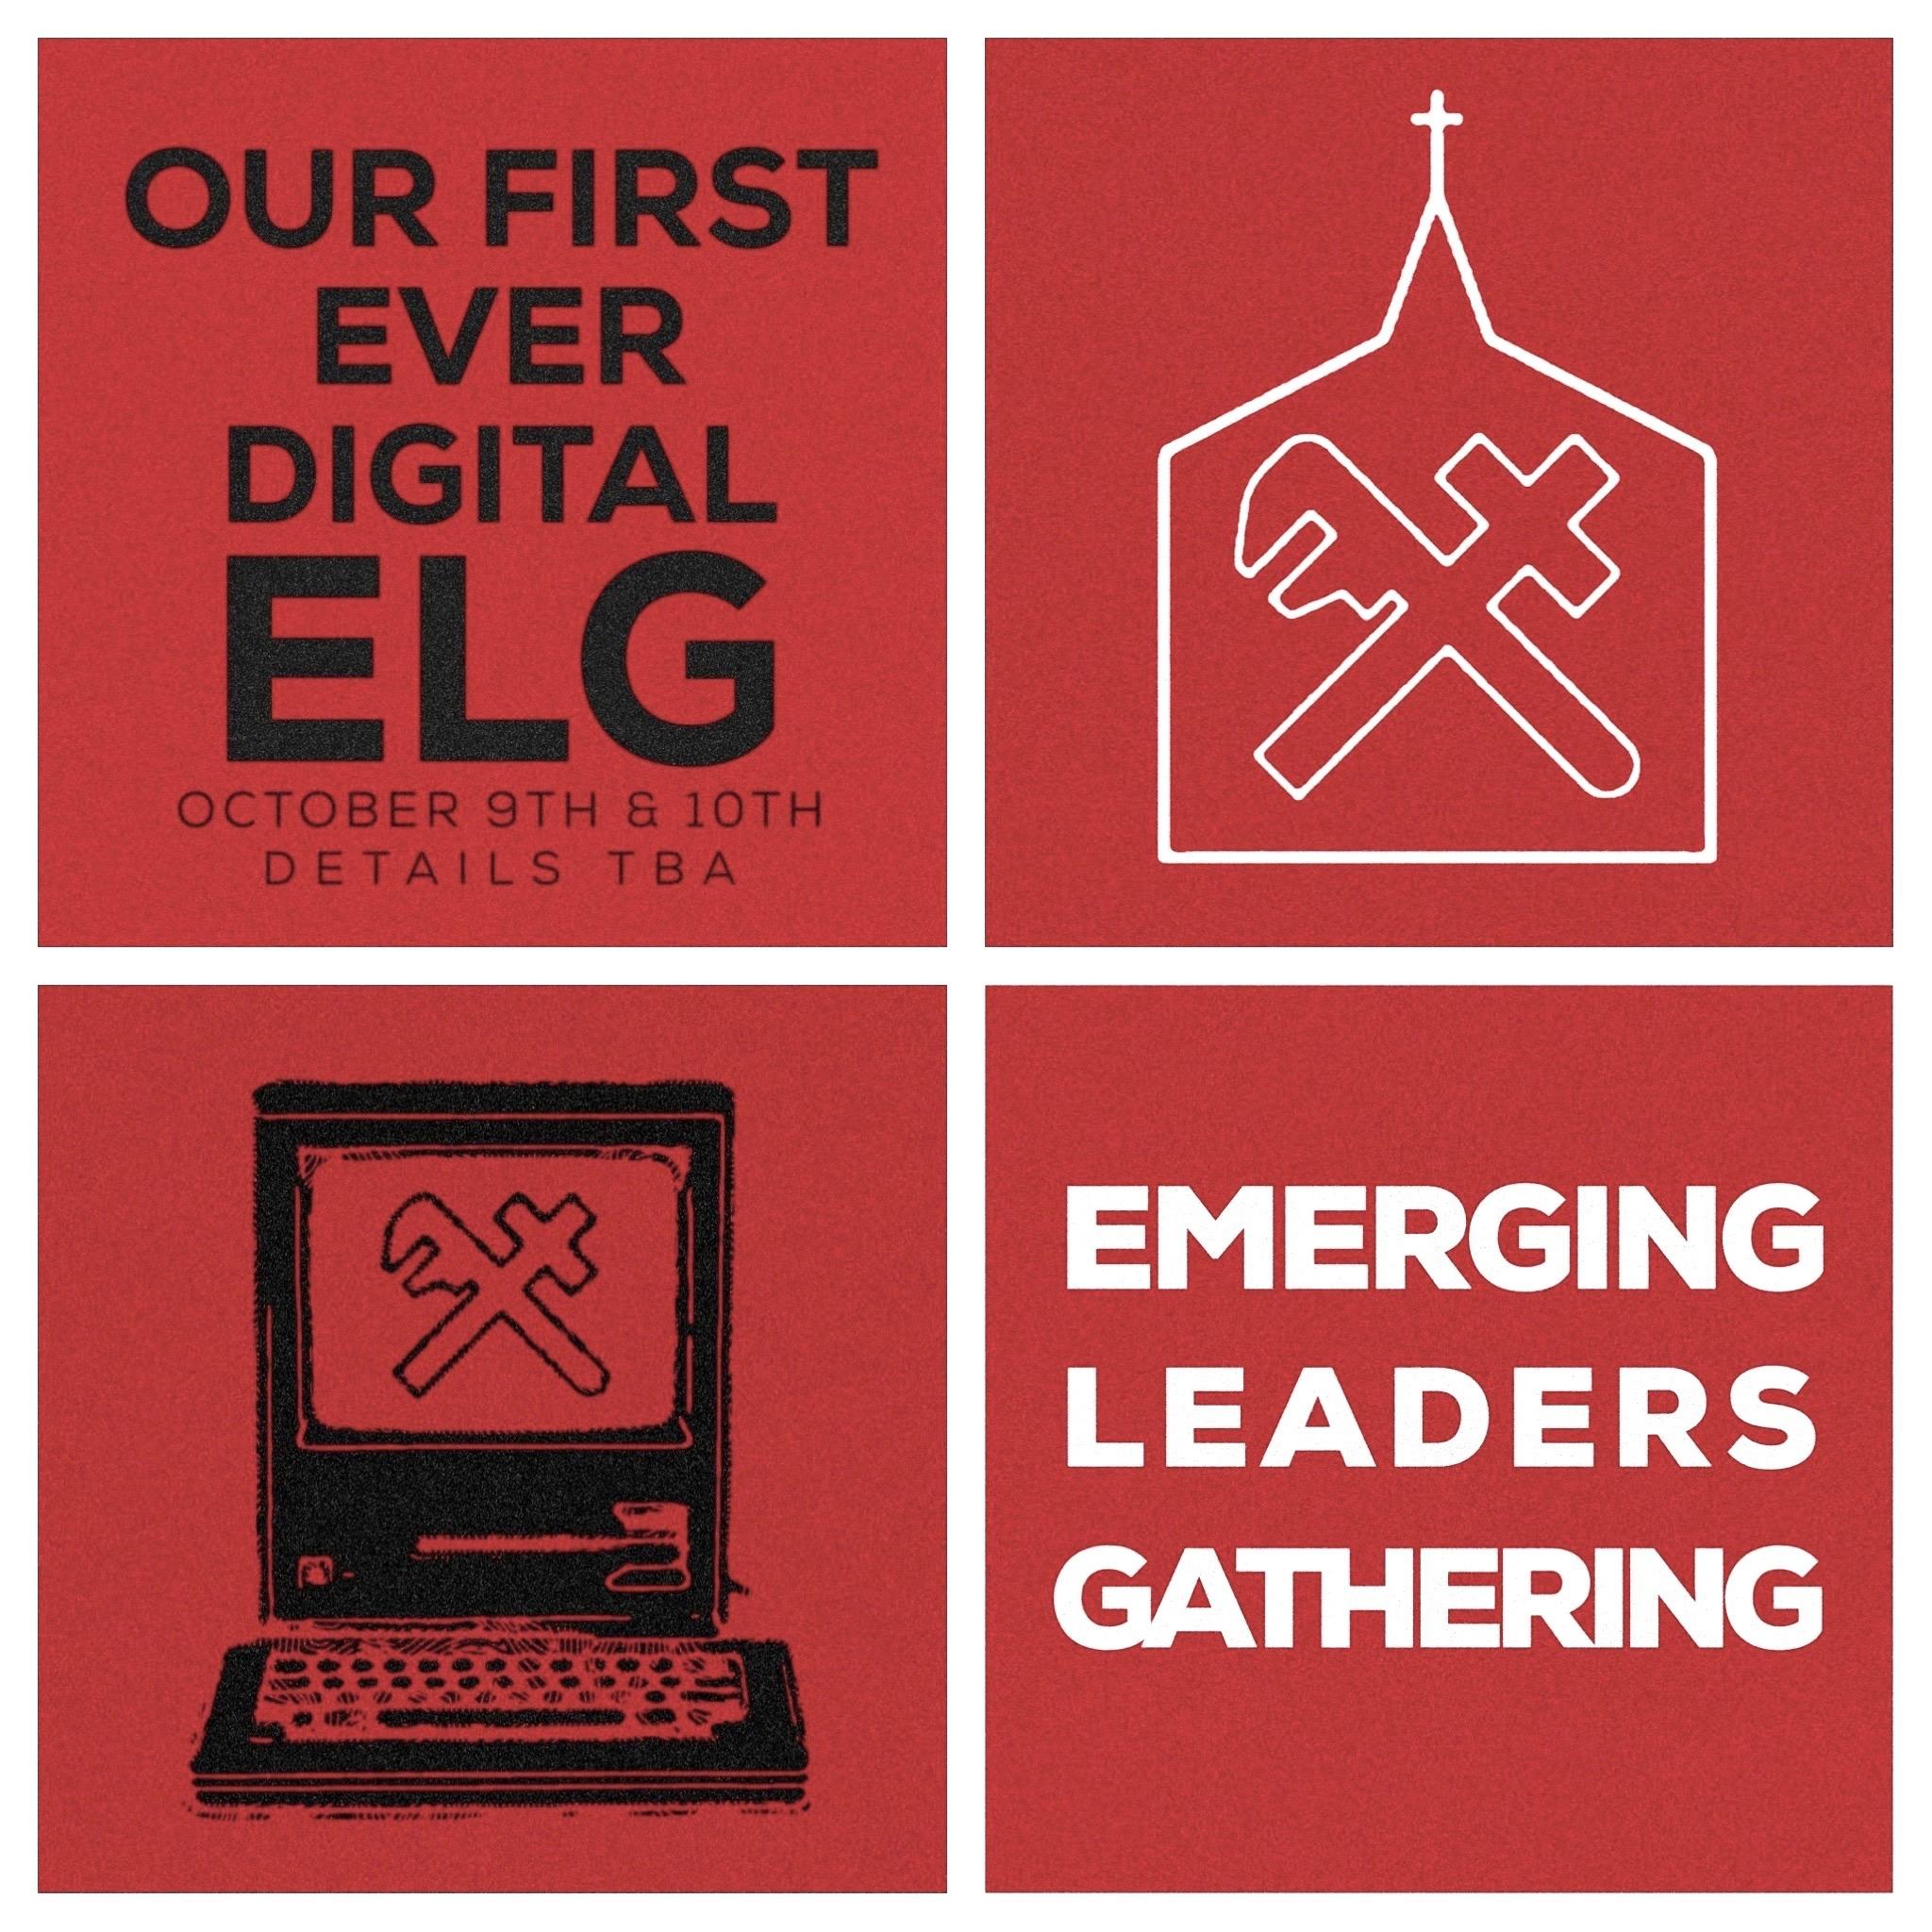 Emerging Leaders Gathering